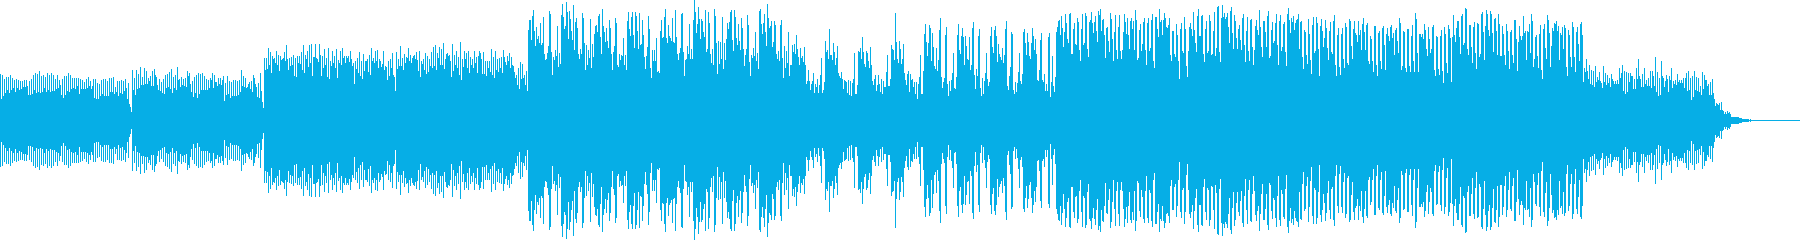 ほのぼのと気持ちいい朝のイメージ曲の再生済みの波形